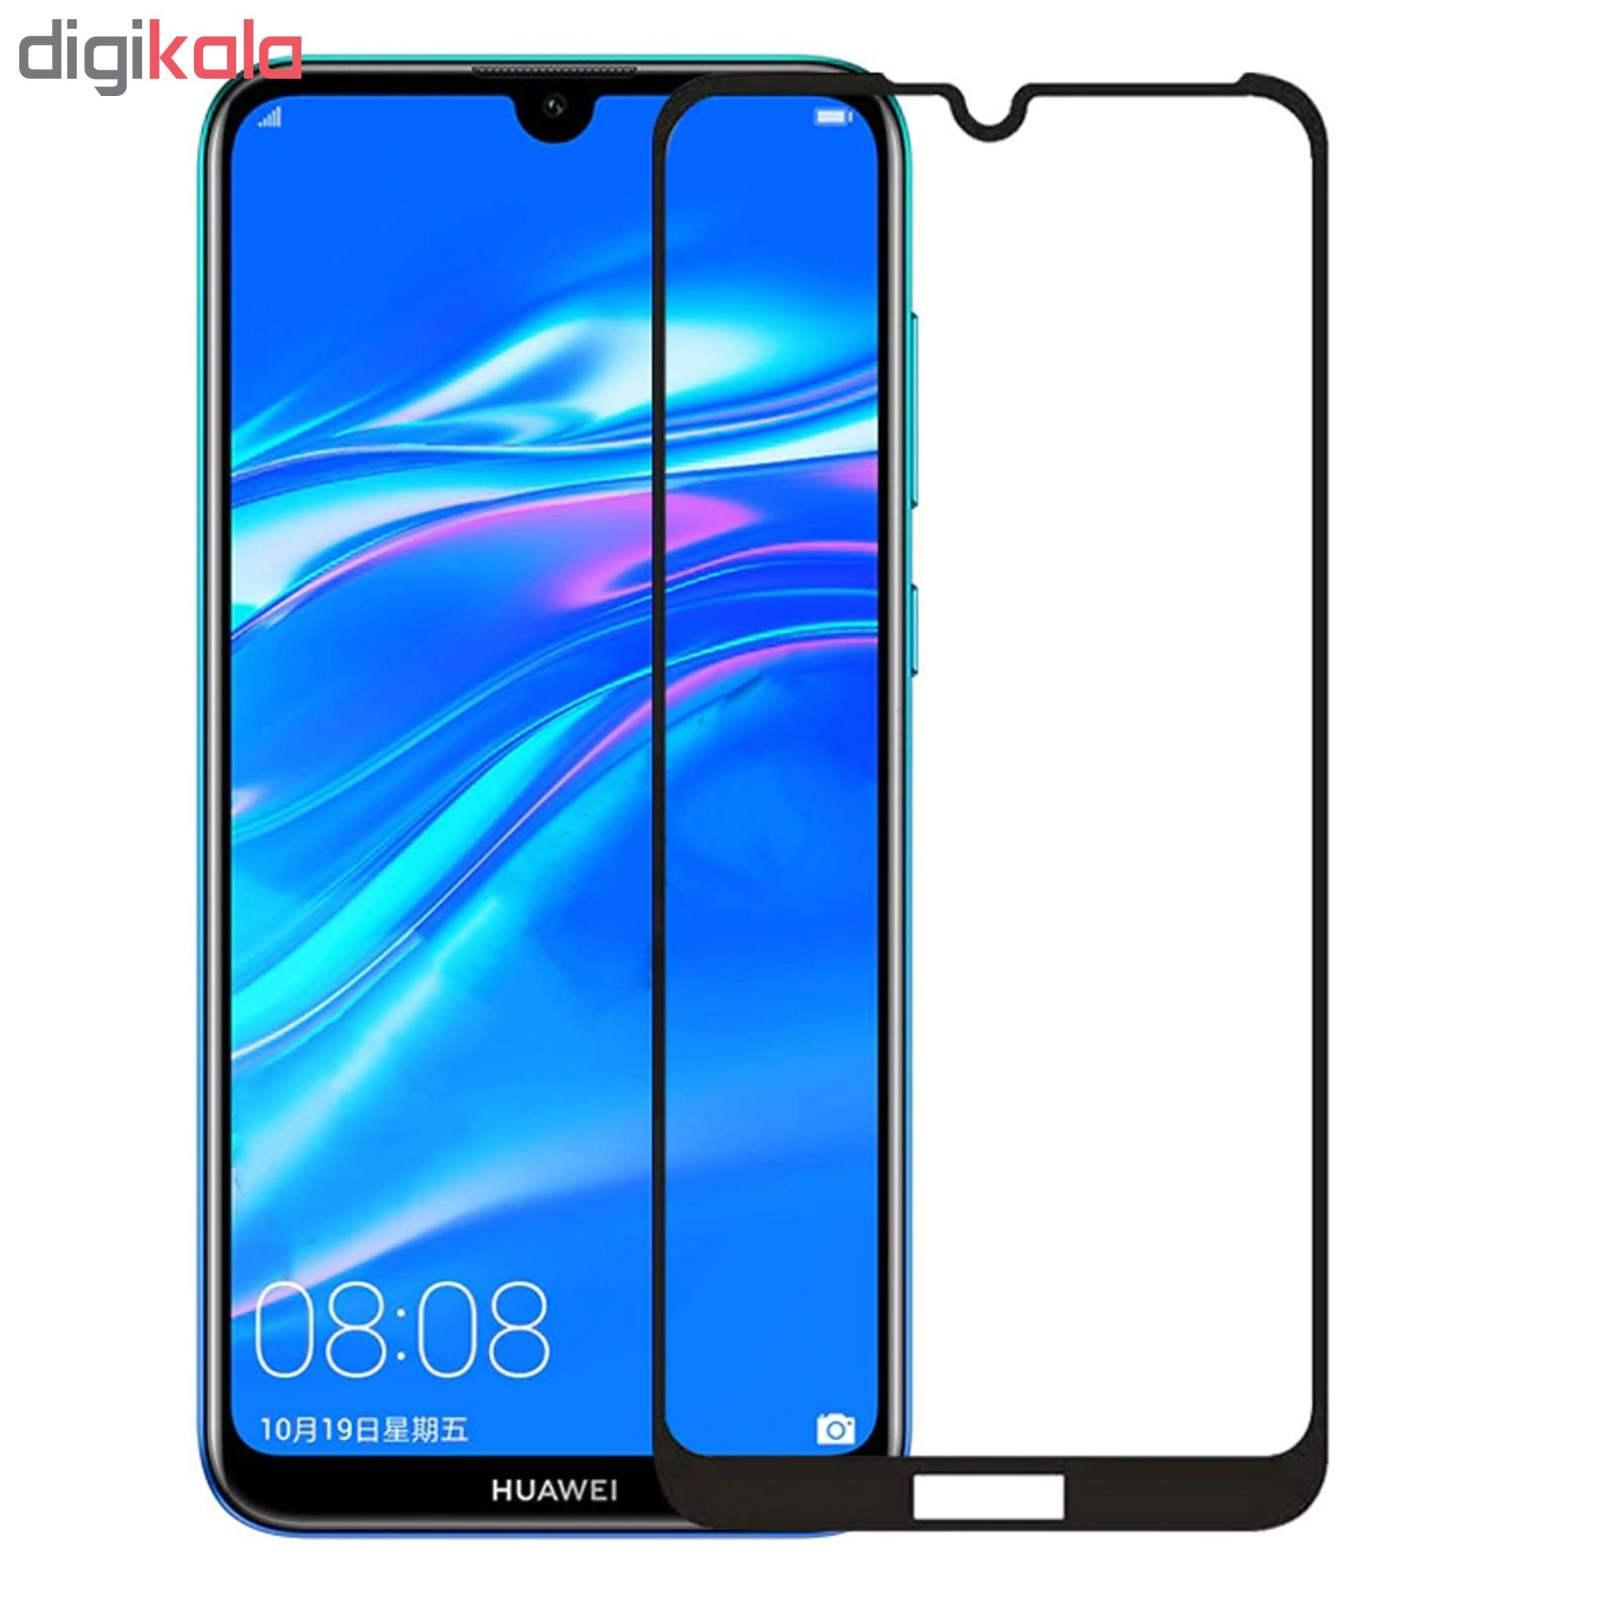 محافظ صفحه نمایش مدل F002 مناسب برای گوشی موبایل هوآوی Y7 Prime 2019 main 1 1